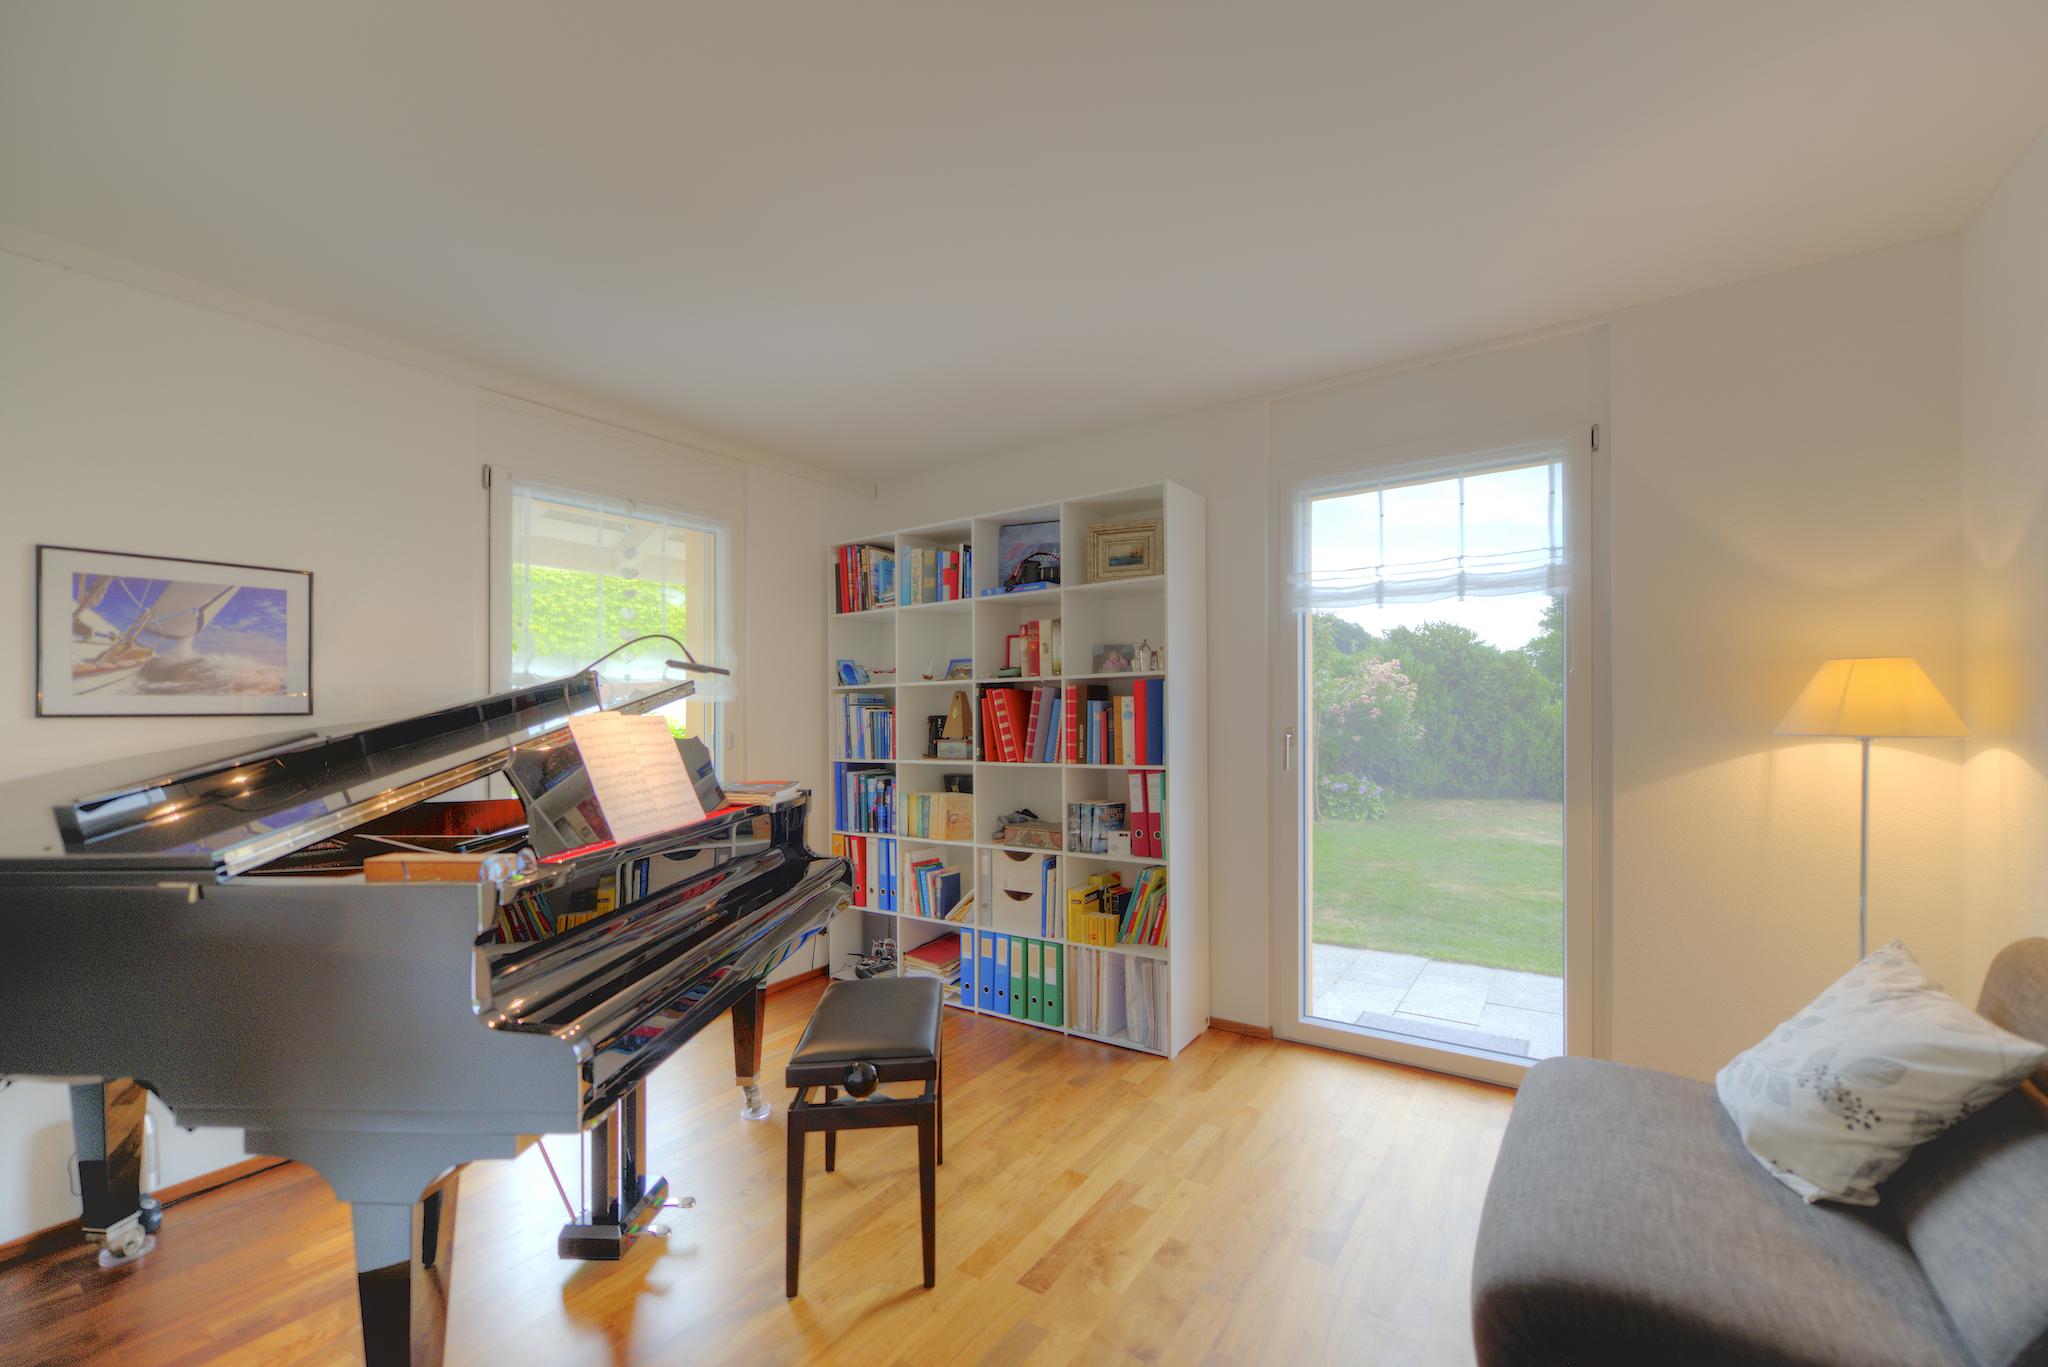 Flügel-Zimmer mit der Akustik-Decke